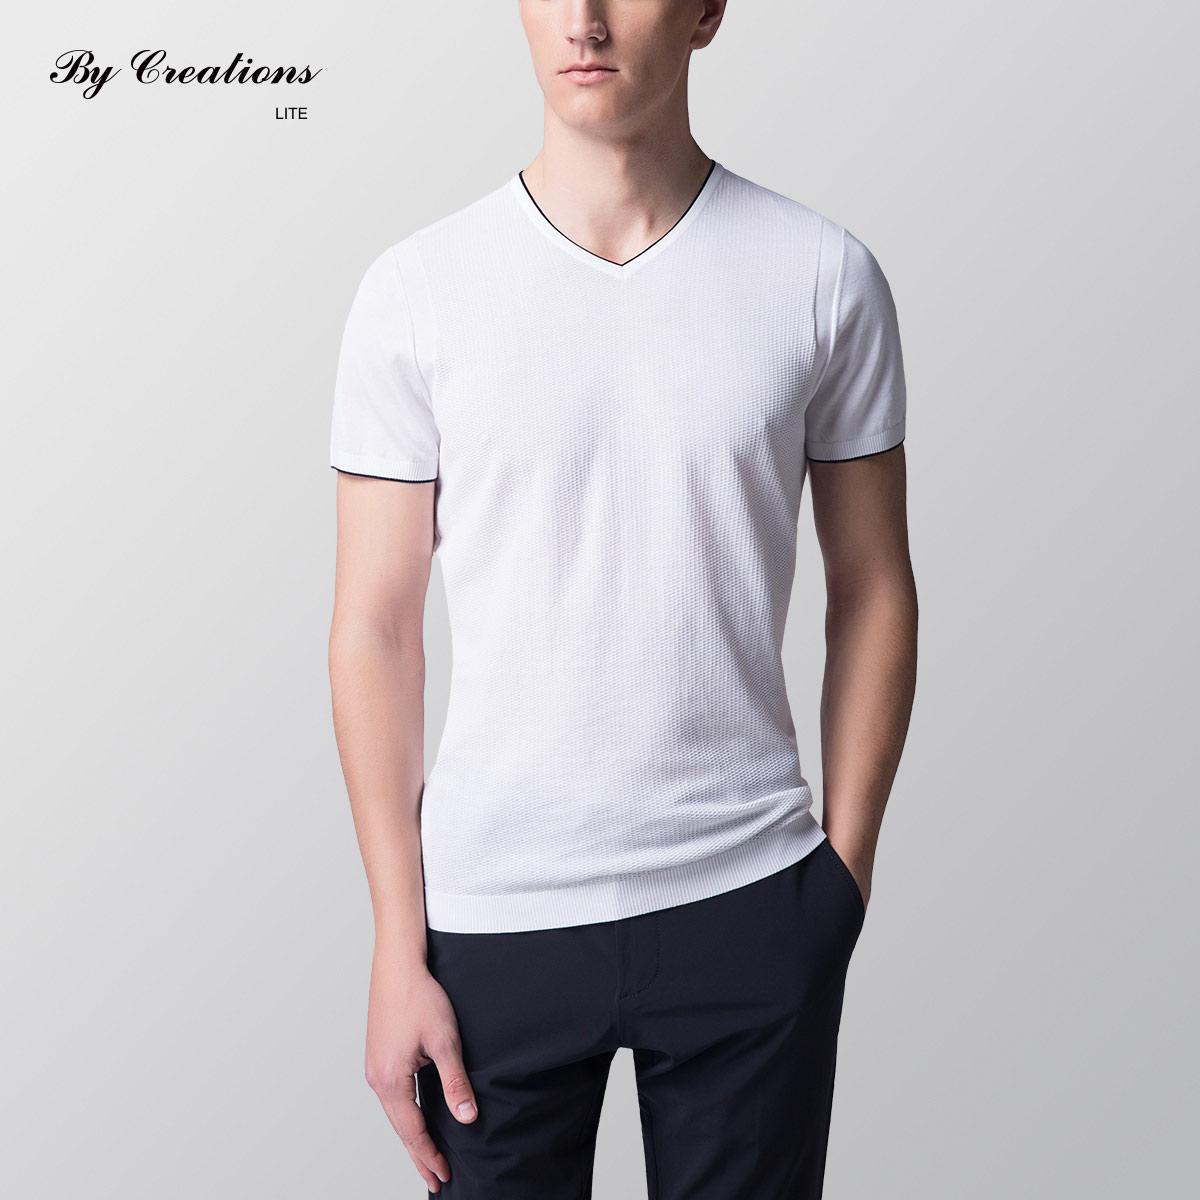 by creations lite夏季新品 男士v领长绒棉t恤 针织短袖打底衫